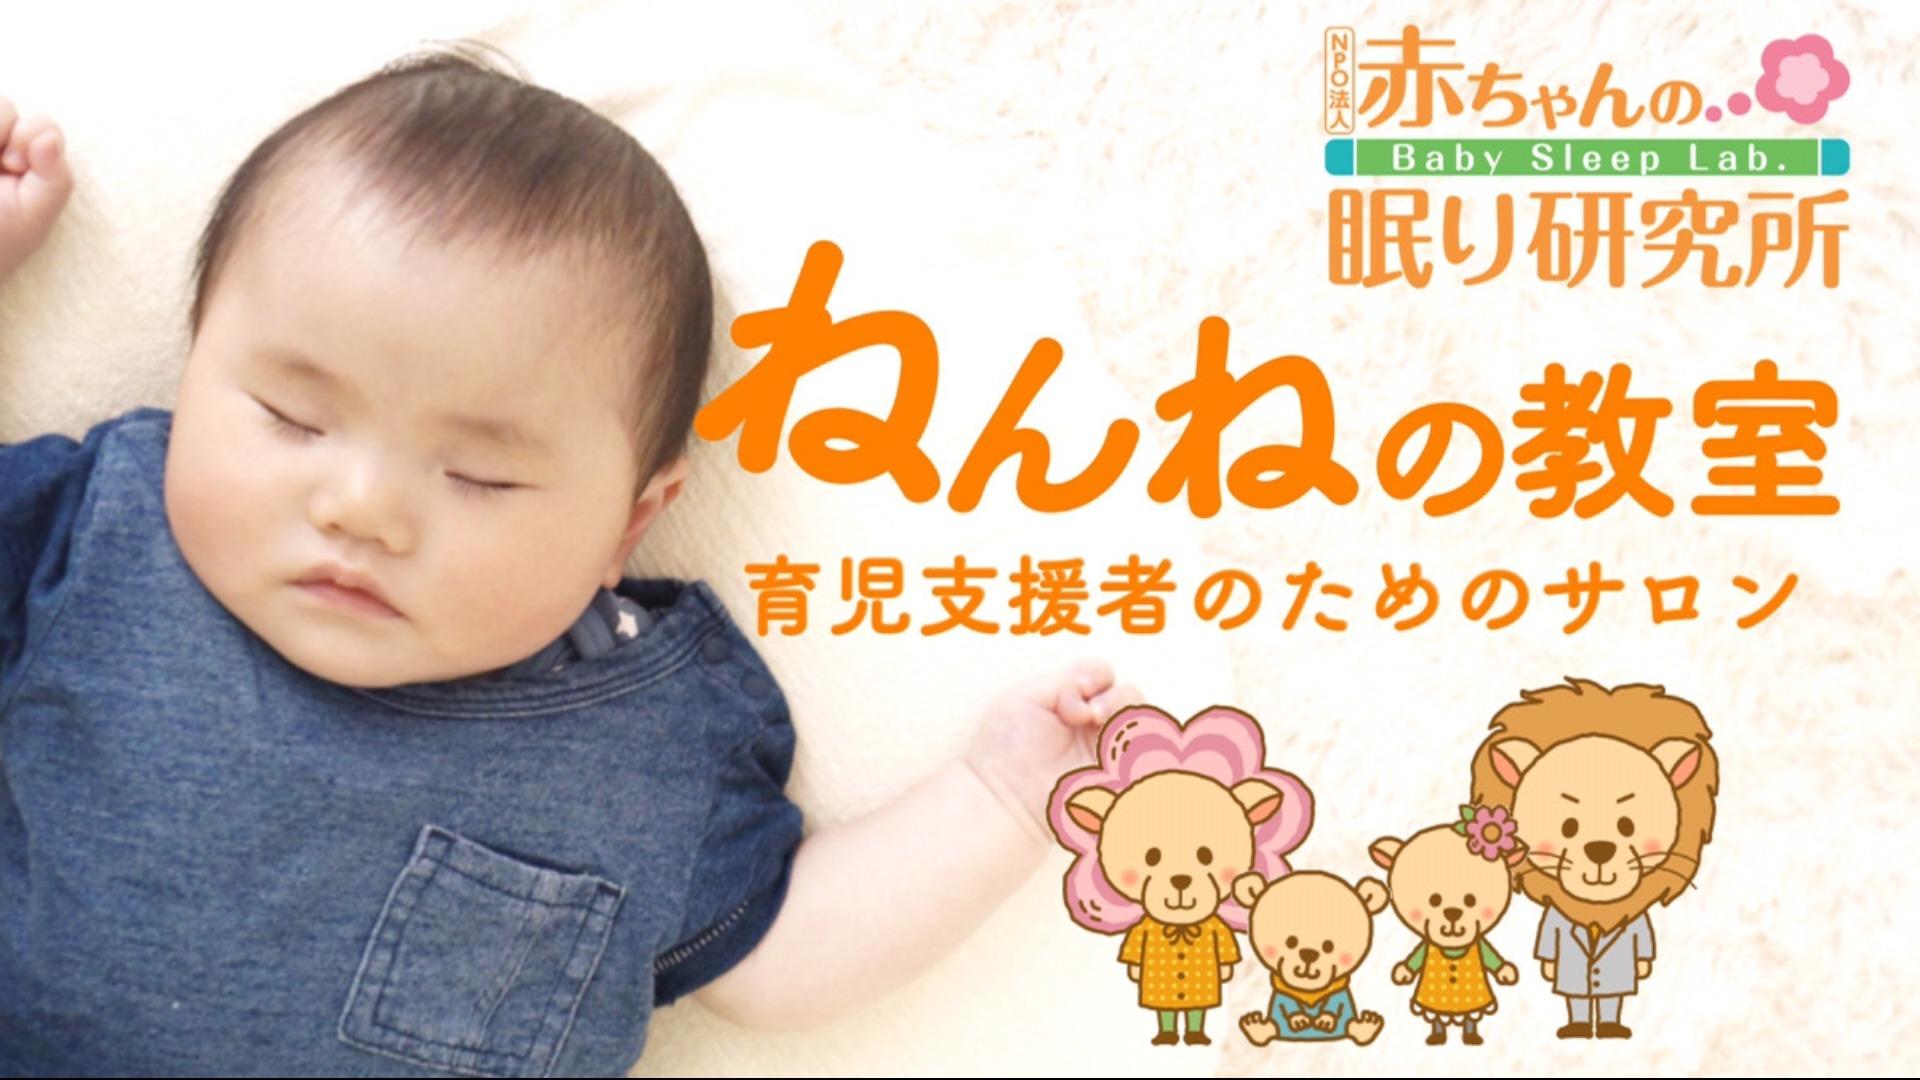 赤ちゃんの眠りを学ぶ「育児支援者」向けサロン